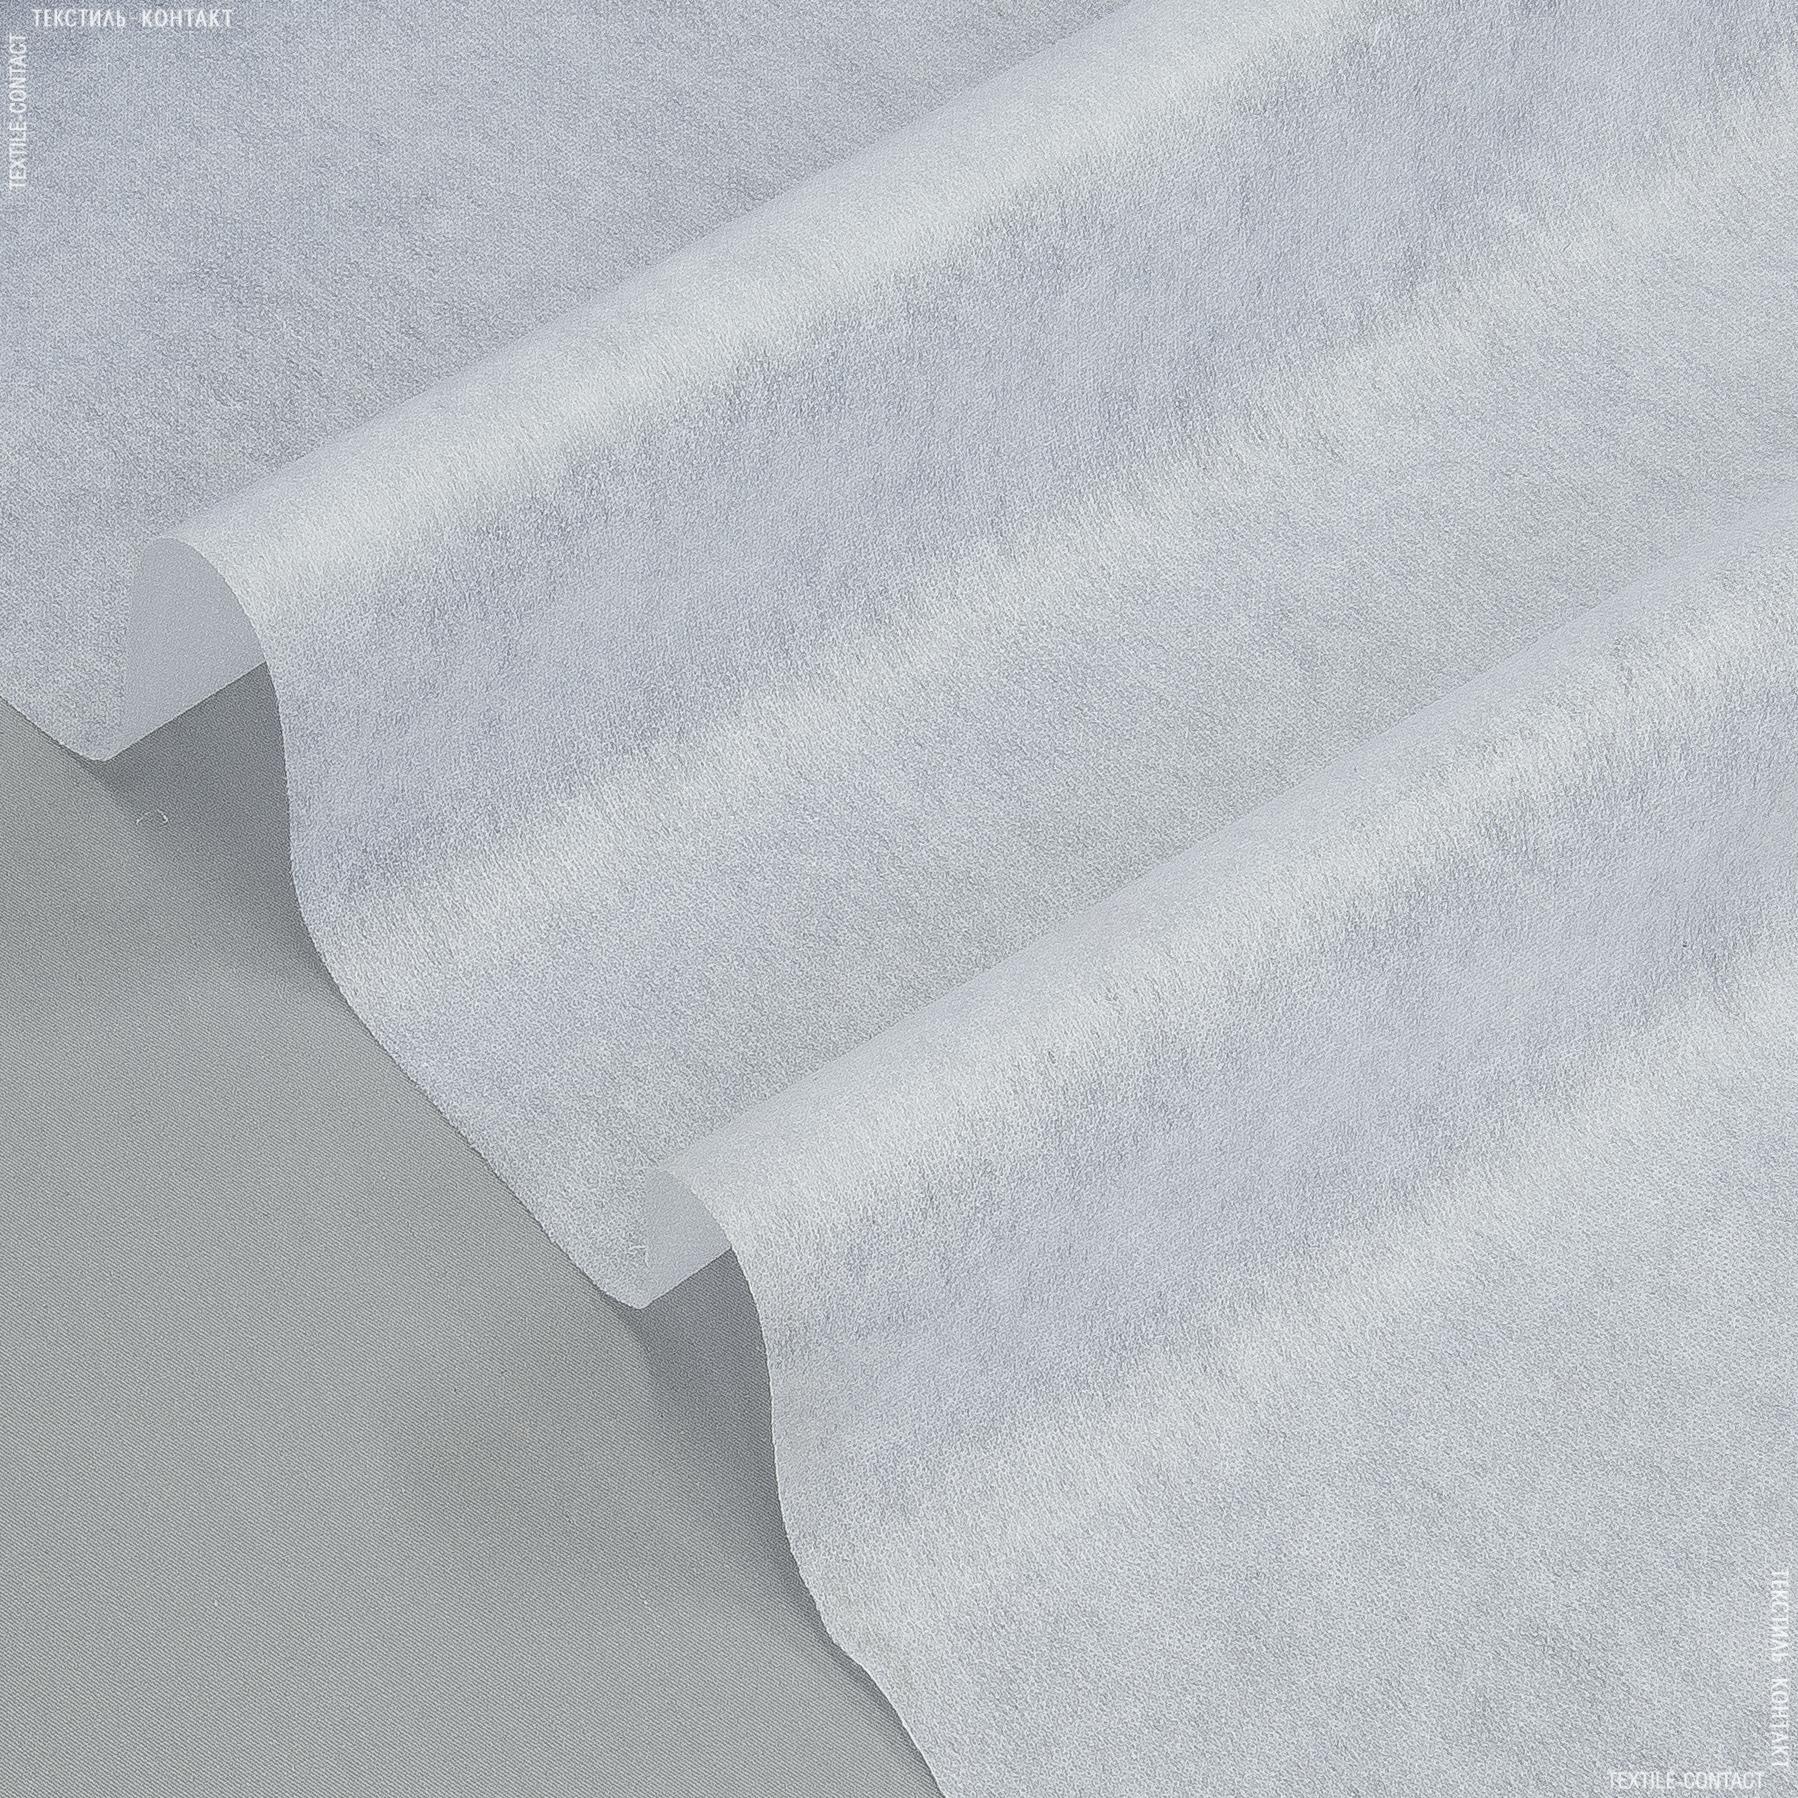 Где можно купить флизелин клеевой для ткани ткань софтшелл купить в тюмени